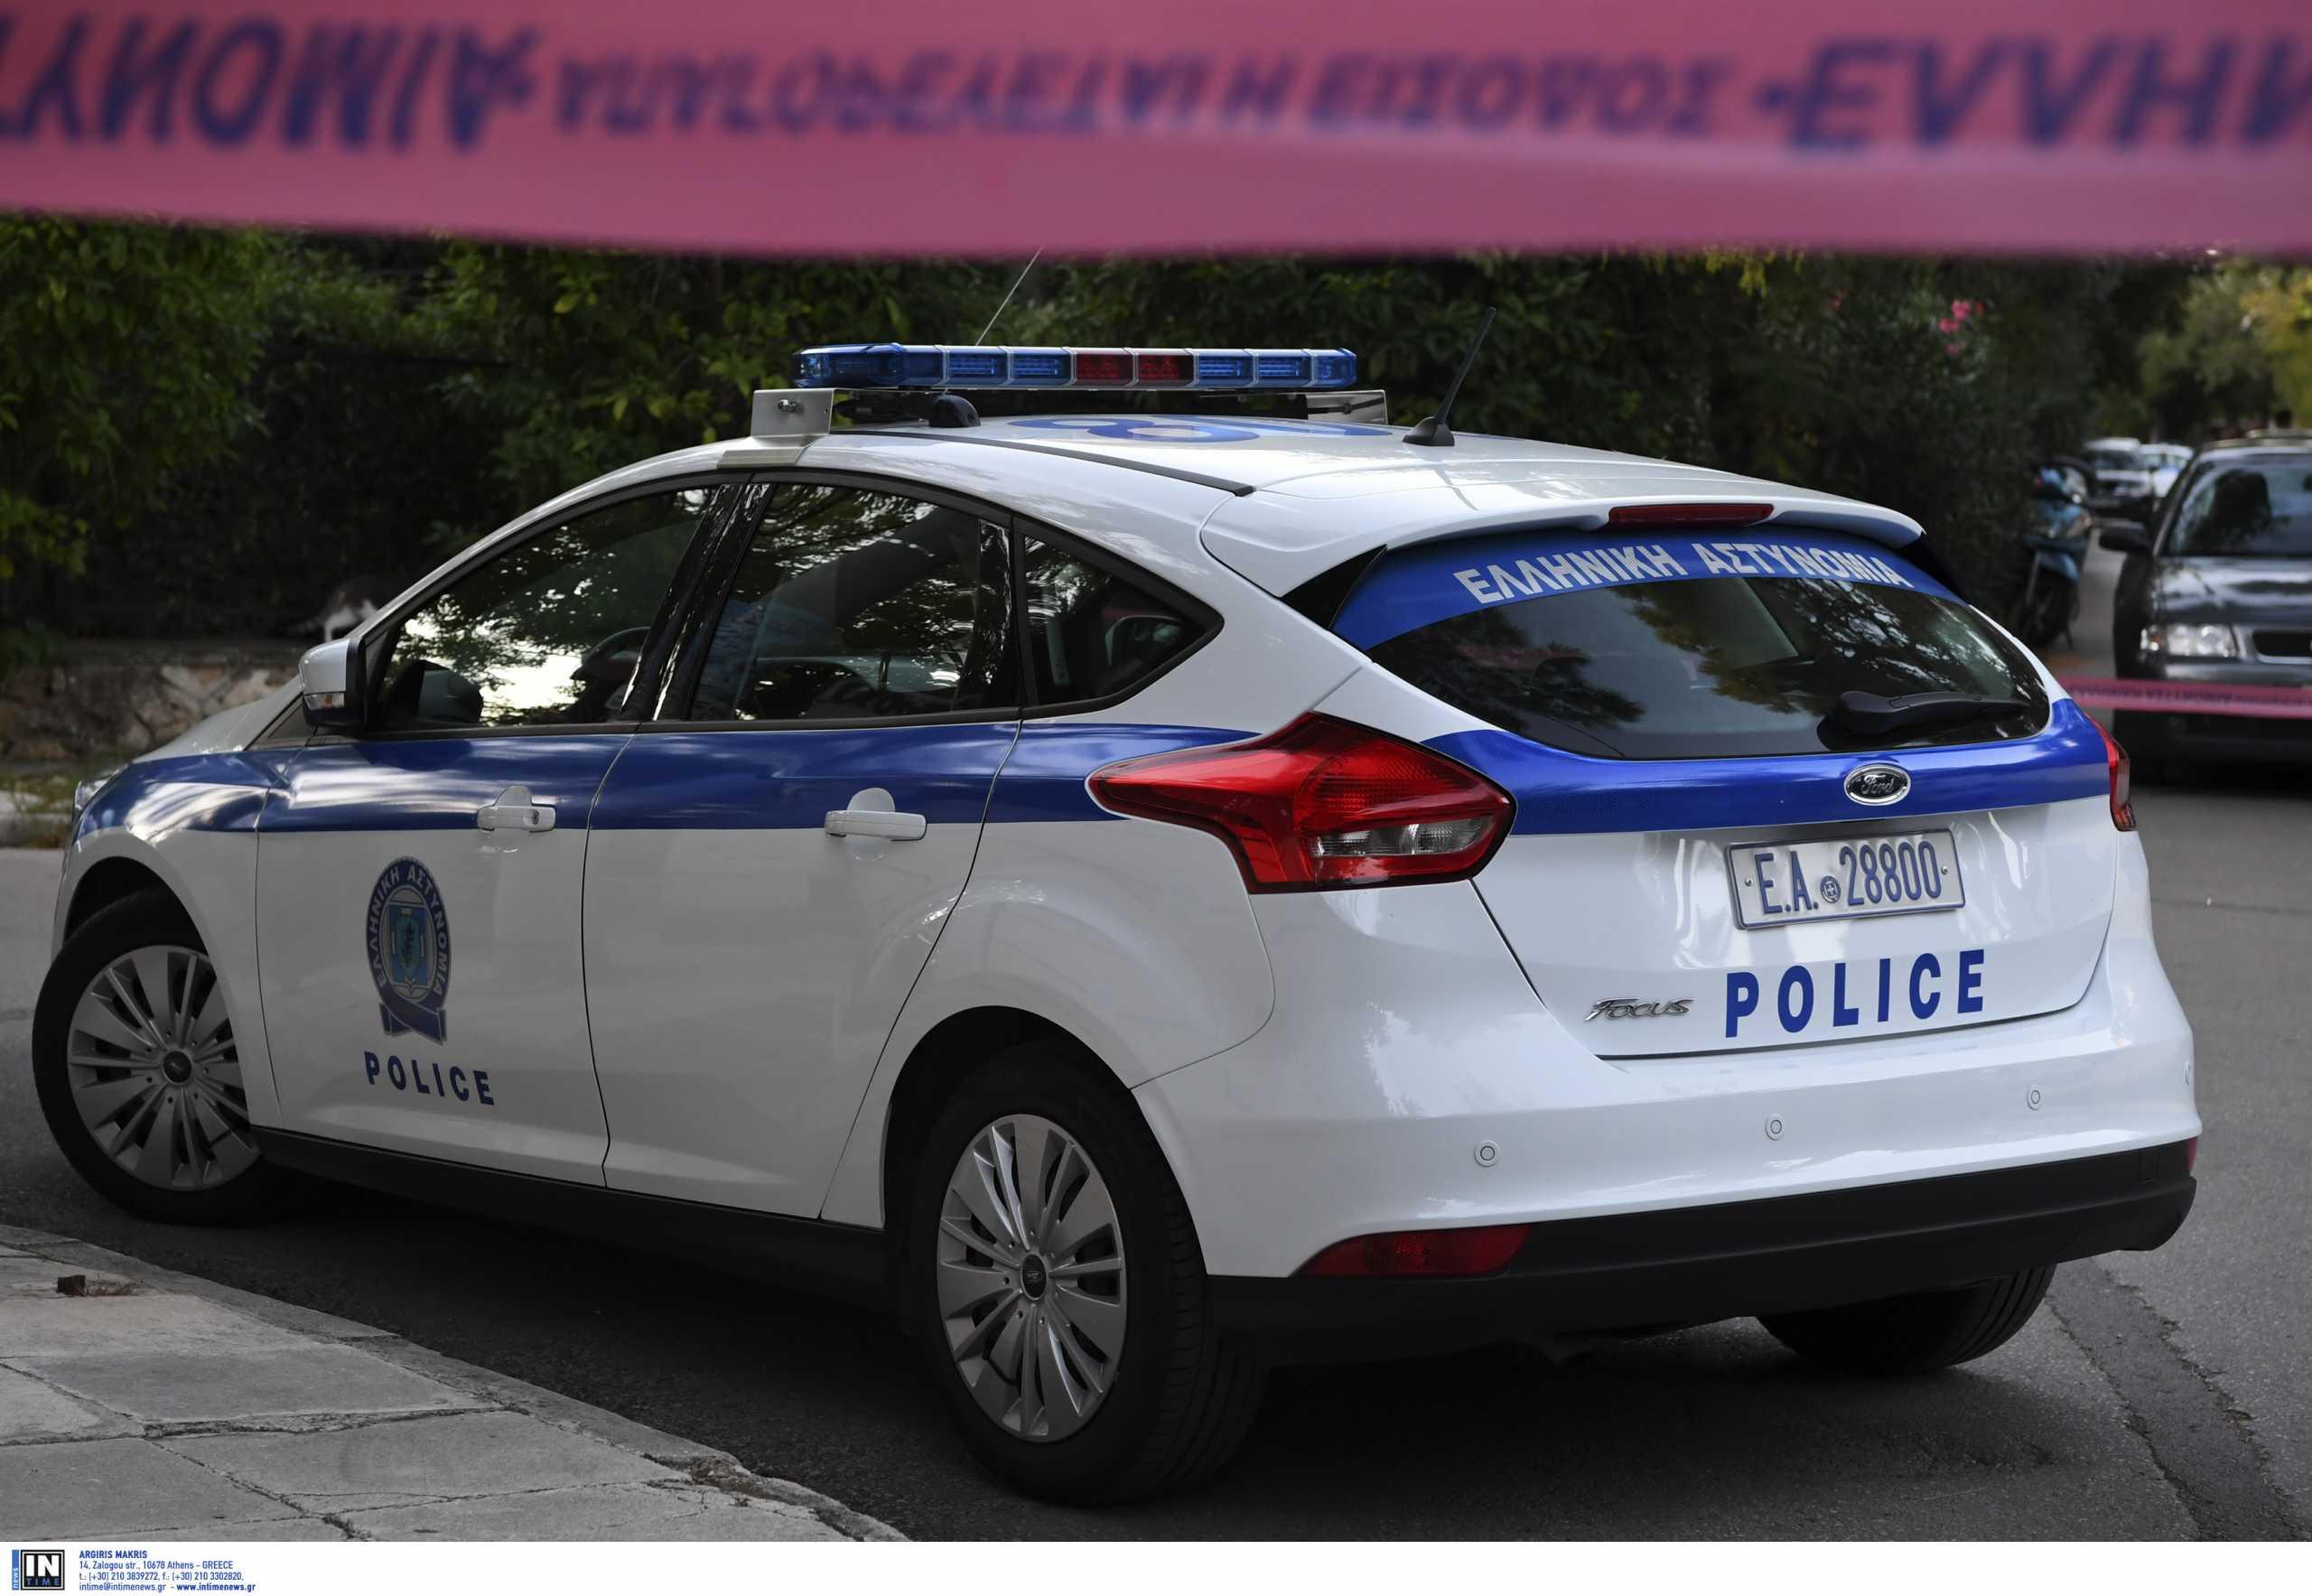 Πέντε συλλήψεις για την επίθεση με μαχαίρι σε 60χρονο στη Νέα Σμύρνη